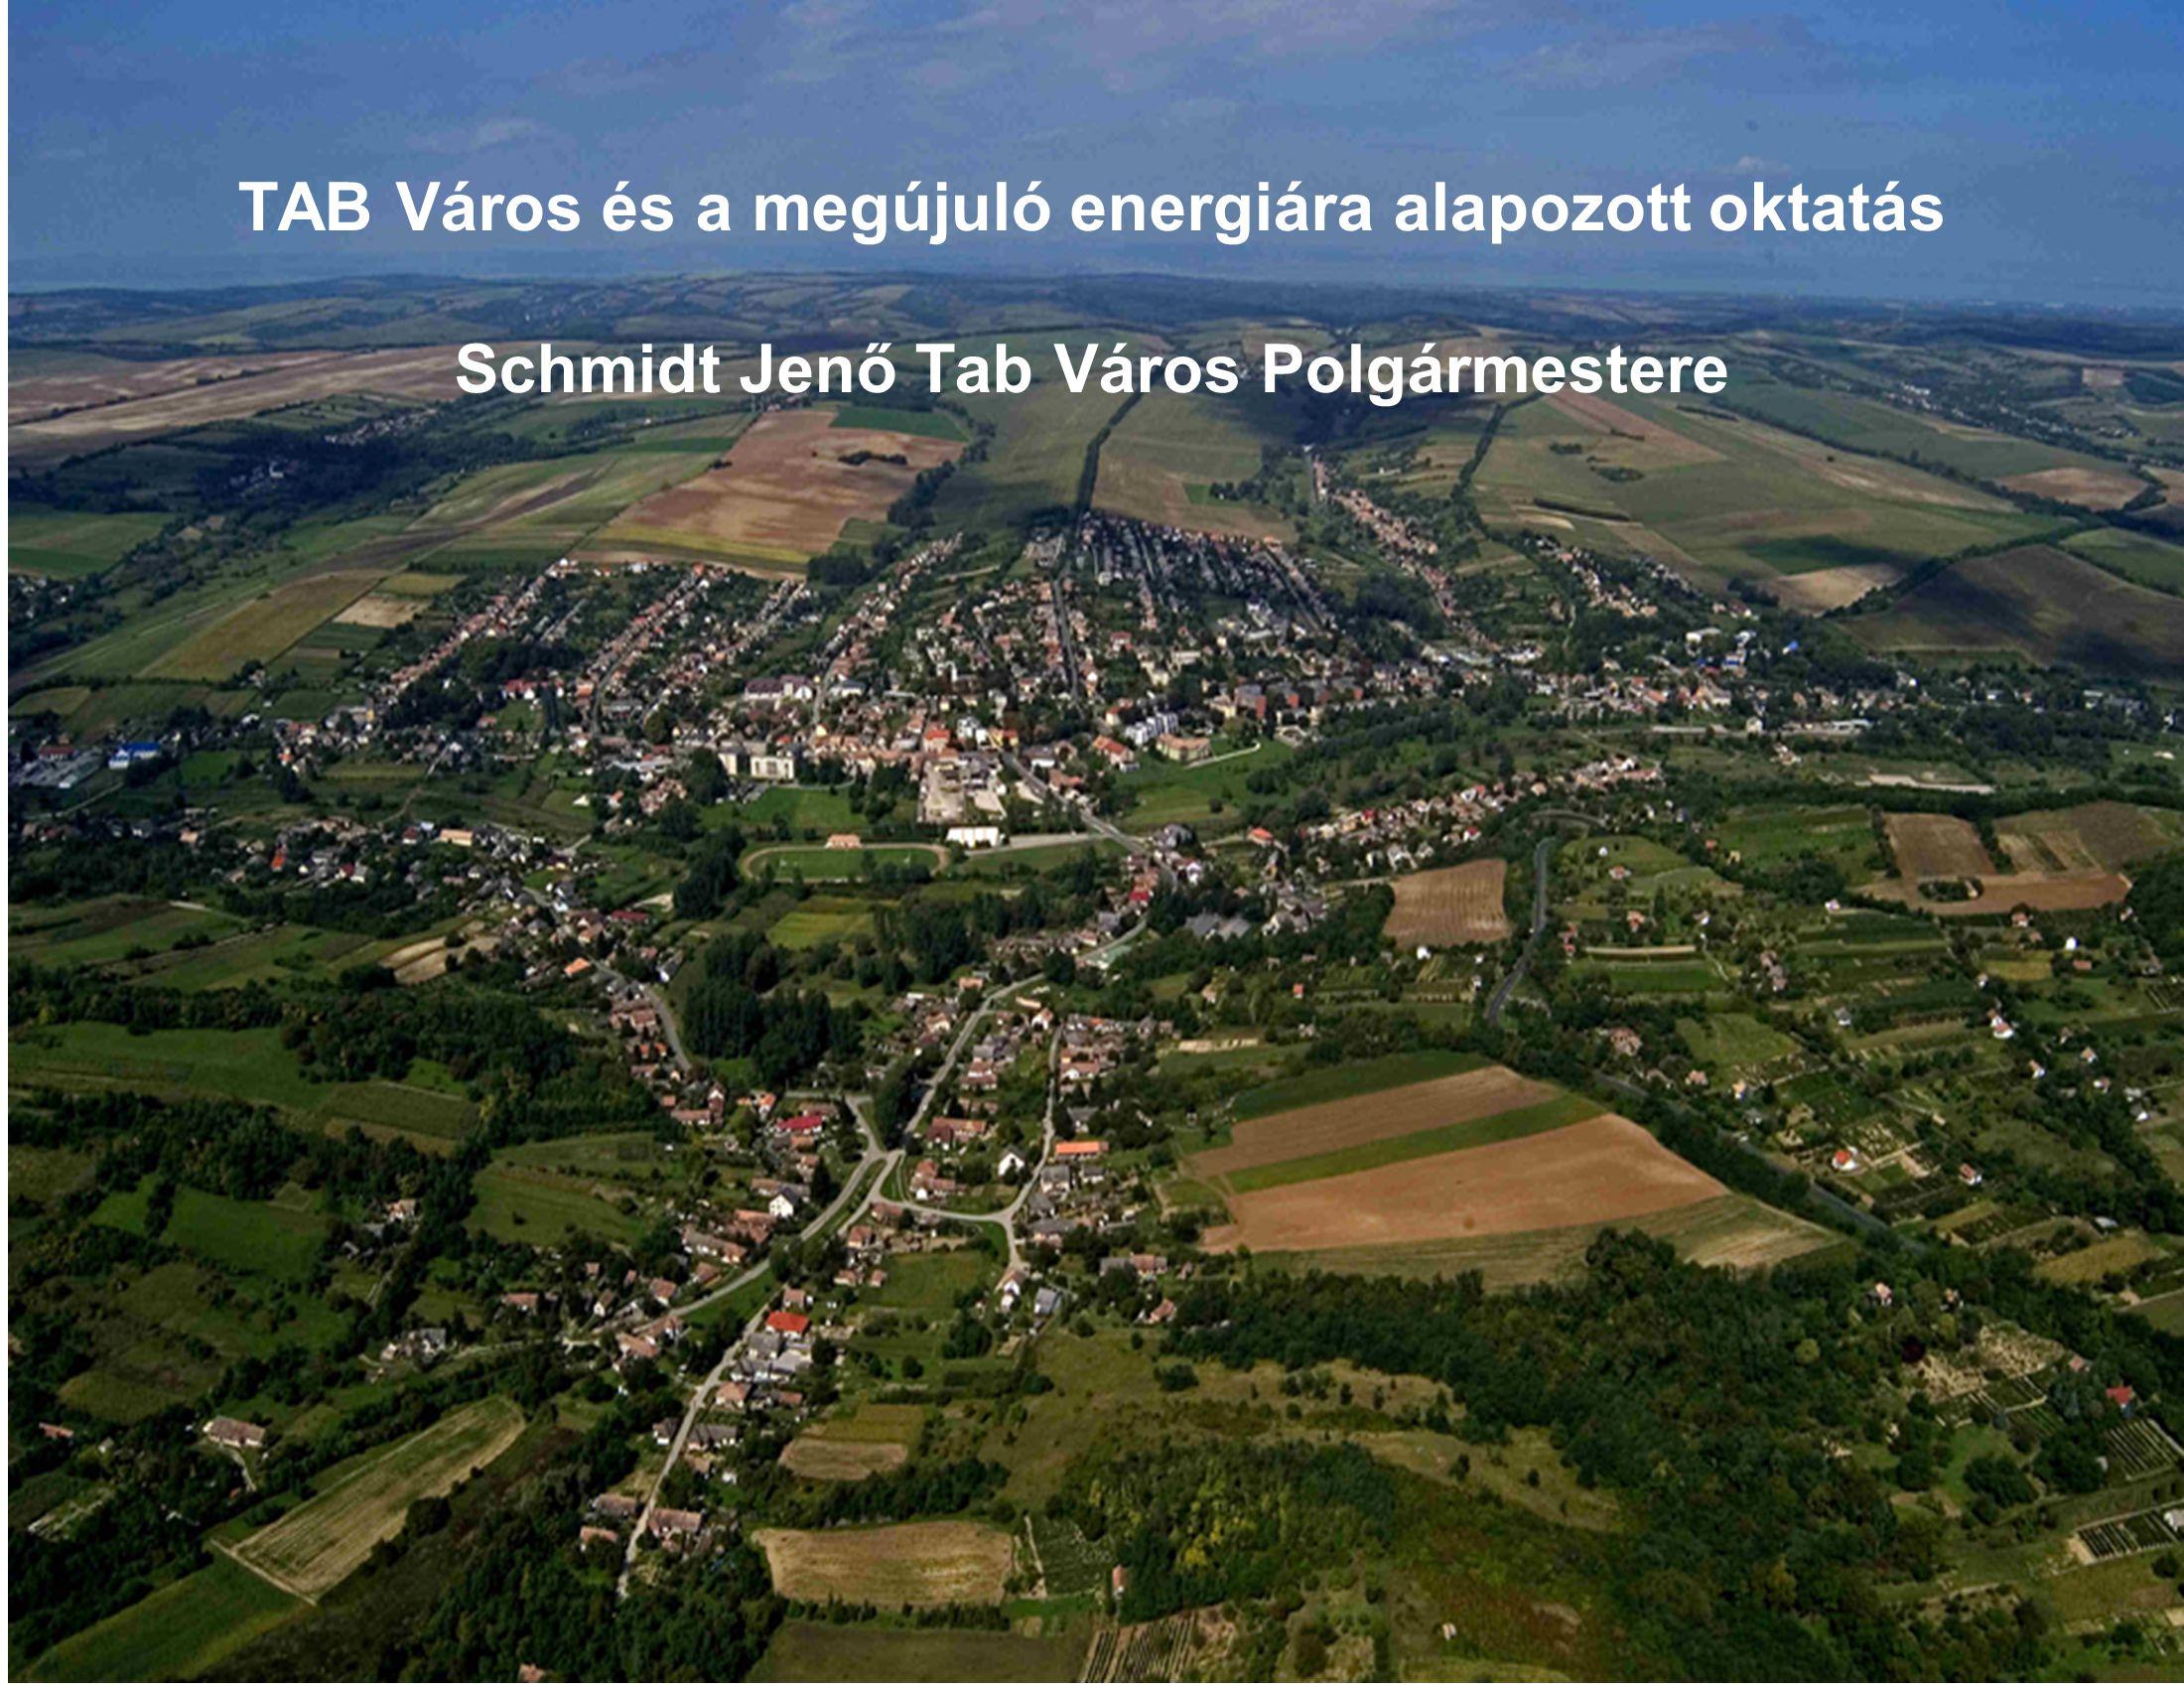 TAB Város és a megújuló energiára alapozott oktatás Schmidt Jenő Tab Város Polgármestere